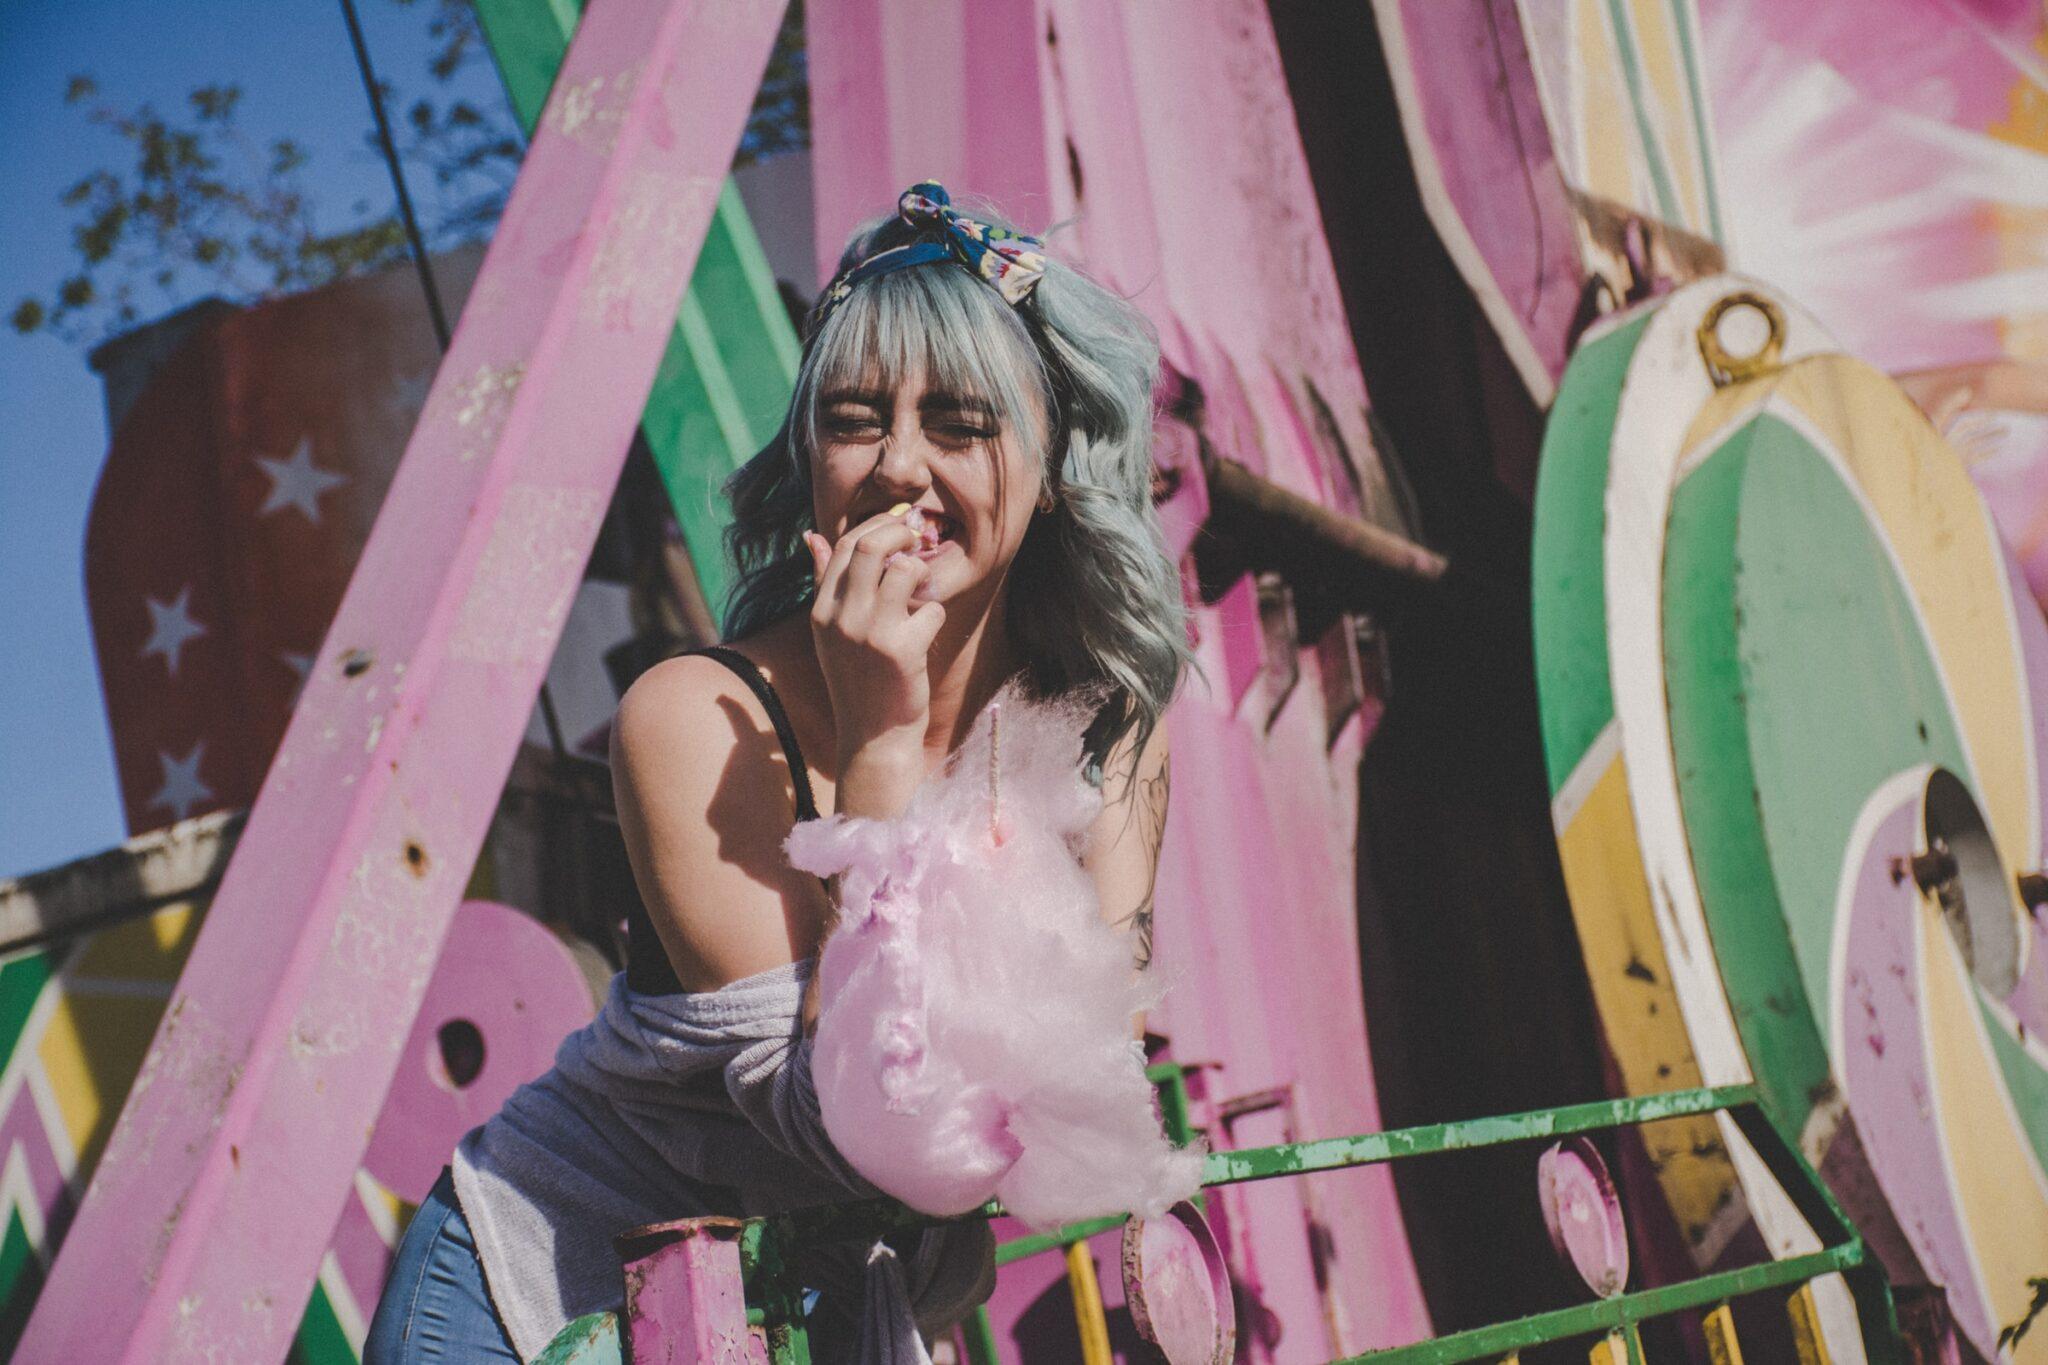 Eine junge Frau mit pastelltürkisfarbenen Haaren isst lachend rosa Zuckerwatte vor einer jahrmarktsartigen rosa Konstruktion.